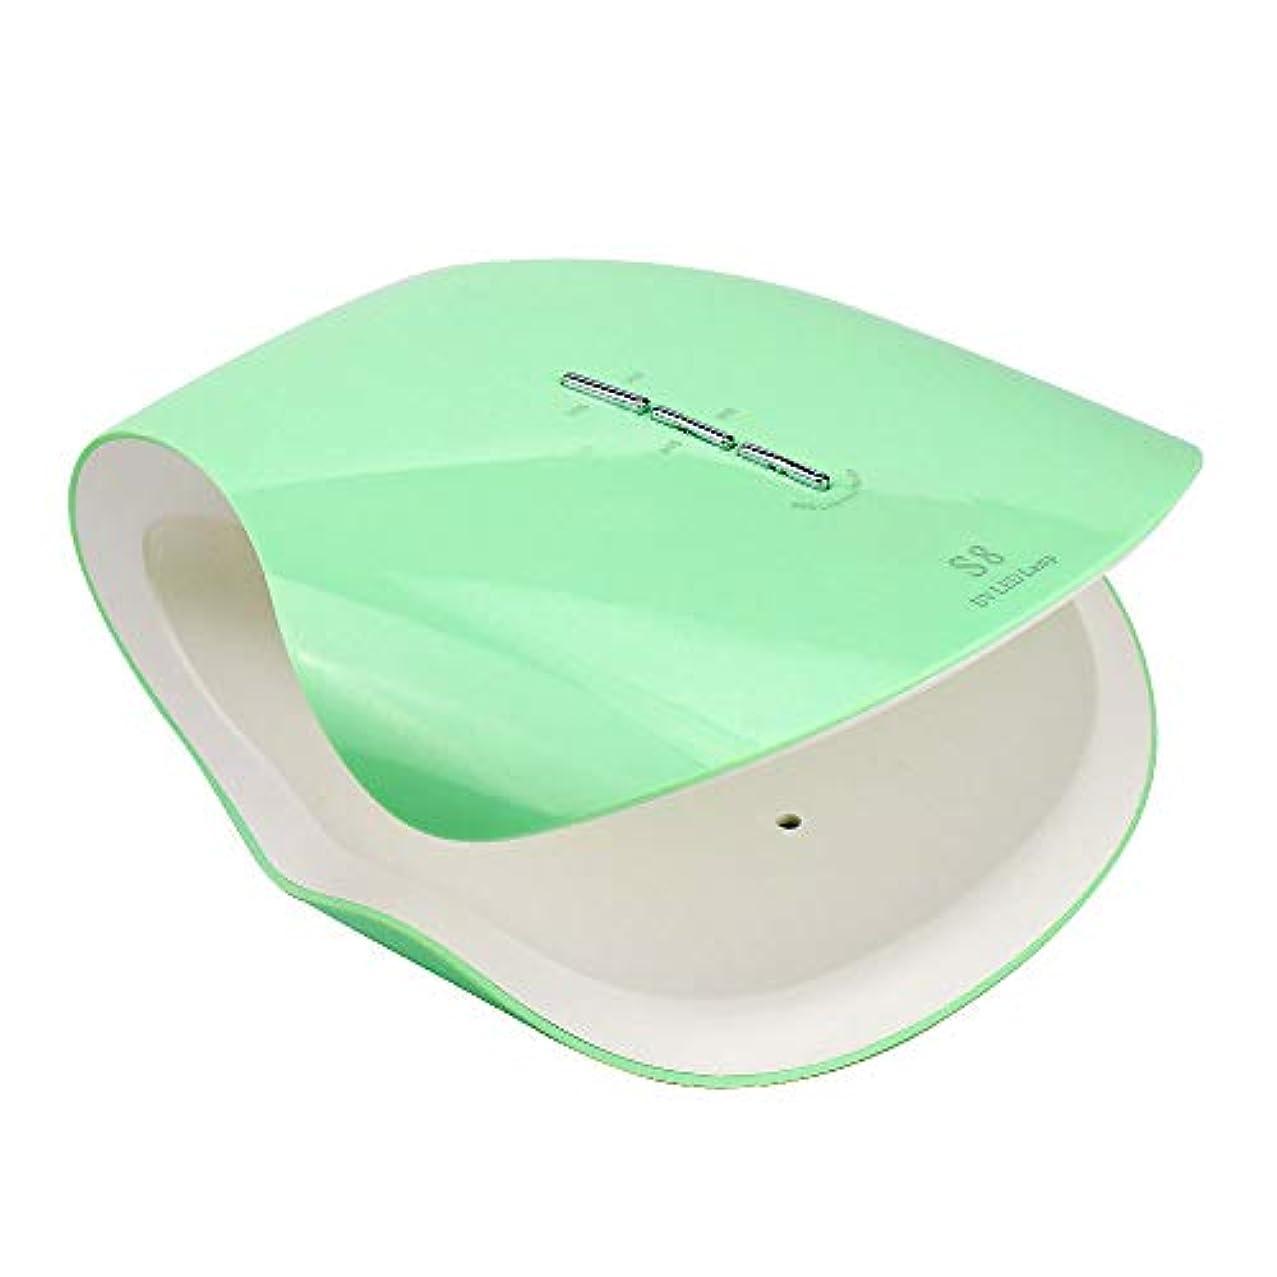 有用ベスビオ山滑り台48Wプロフェッショナル硬化ネイルドライヤーマシンネイルランプサロン機器UV LEDライトセラピージェルポリッシュランプ適切なマニキュア,グリーン